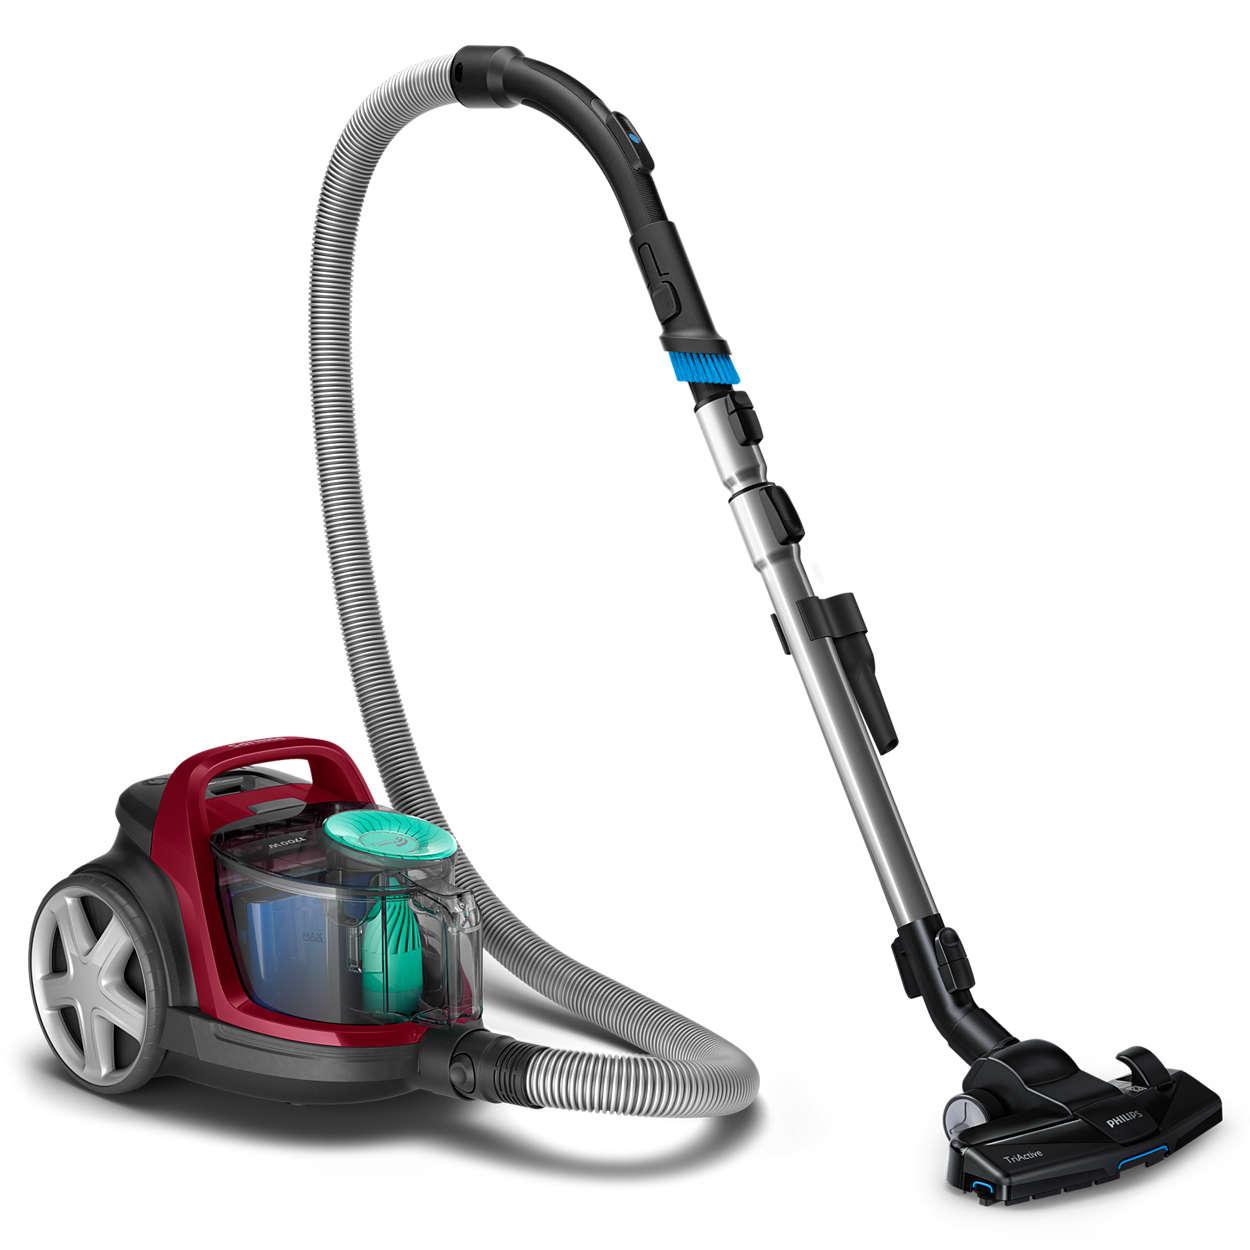 先进的第七代飓风离尘技术实现出众清洁效果